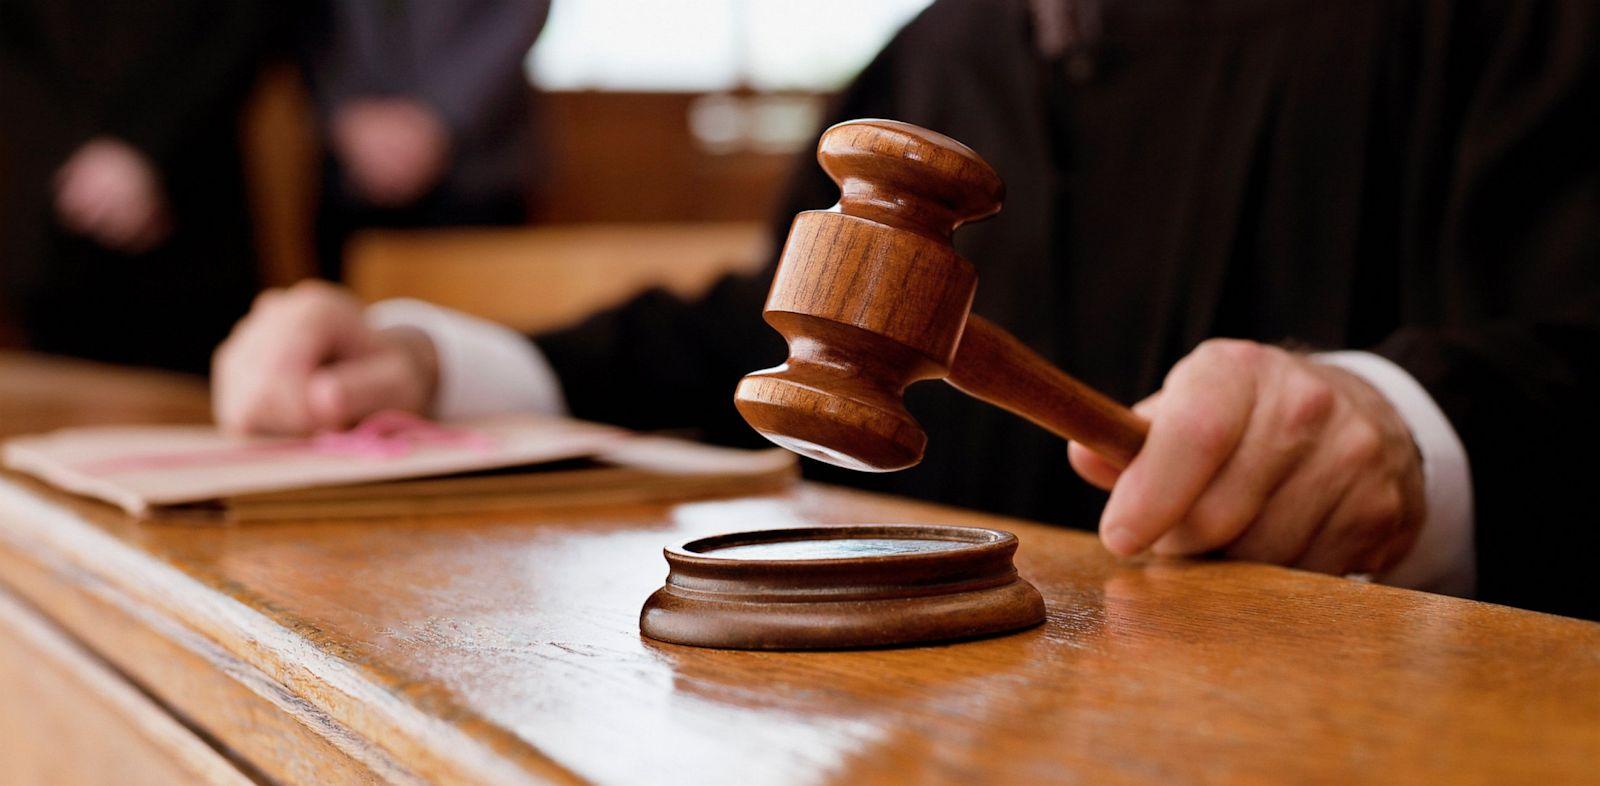 Υπόθεση ροτβάιλερ- Κοζάνη: Εντάσεις στη δίκη και αντικρουόμενες καταθέσεις των ιατροδικαστών